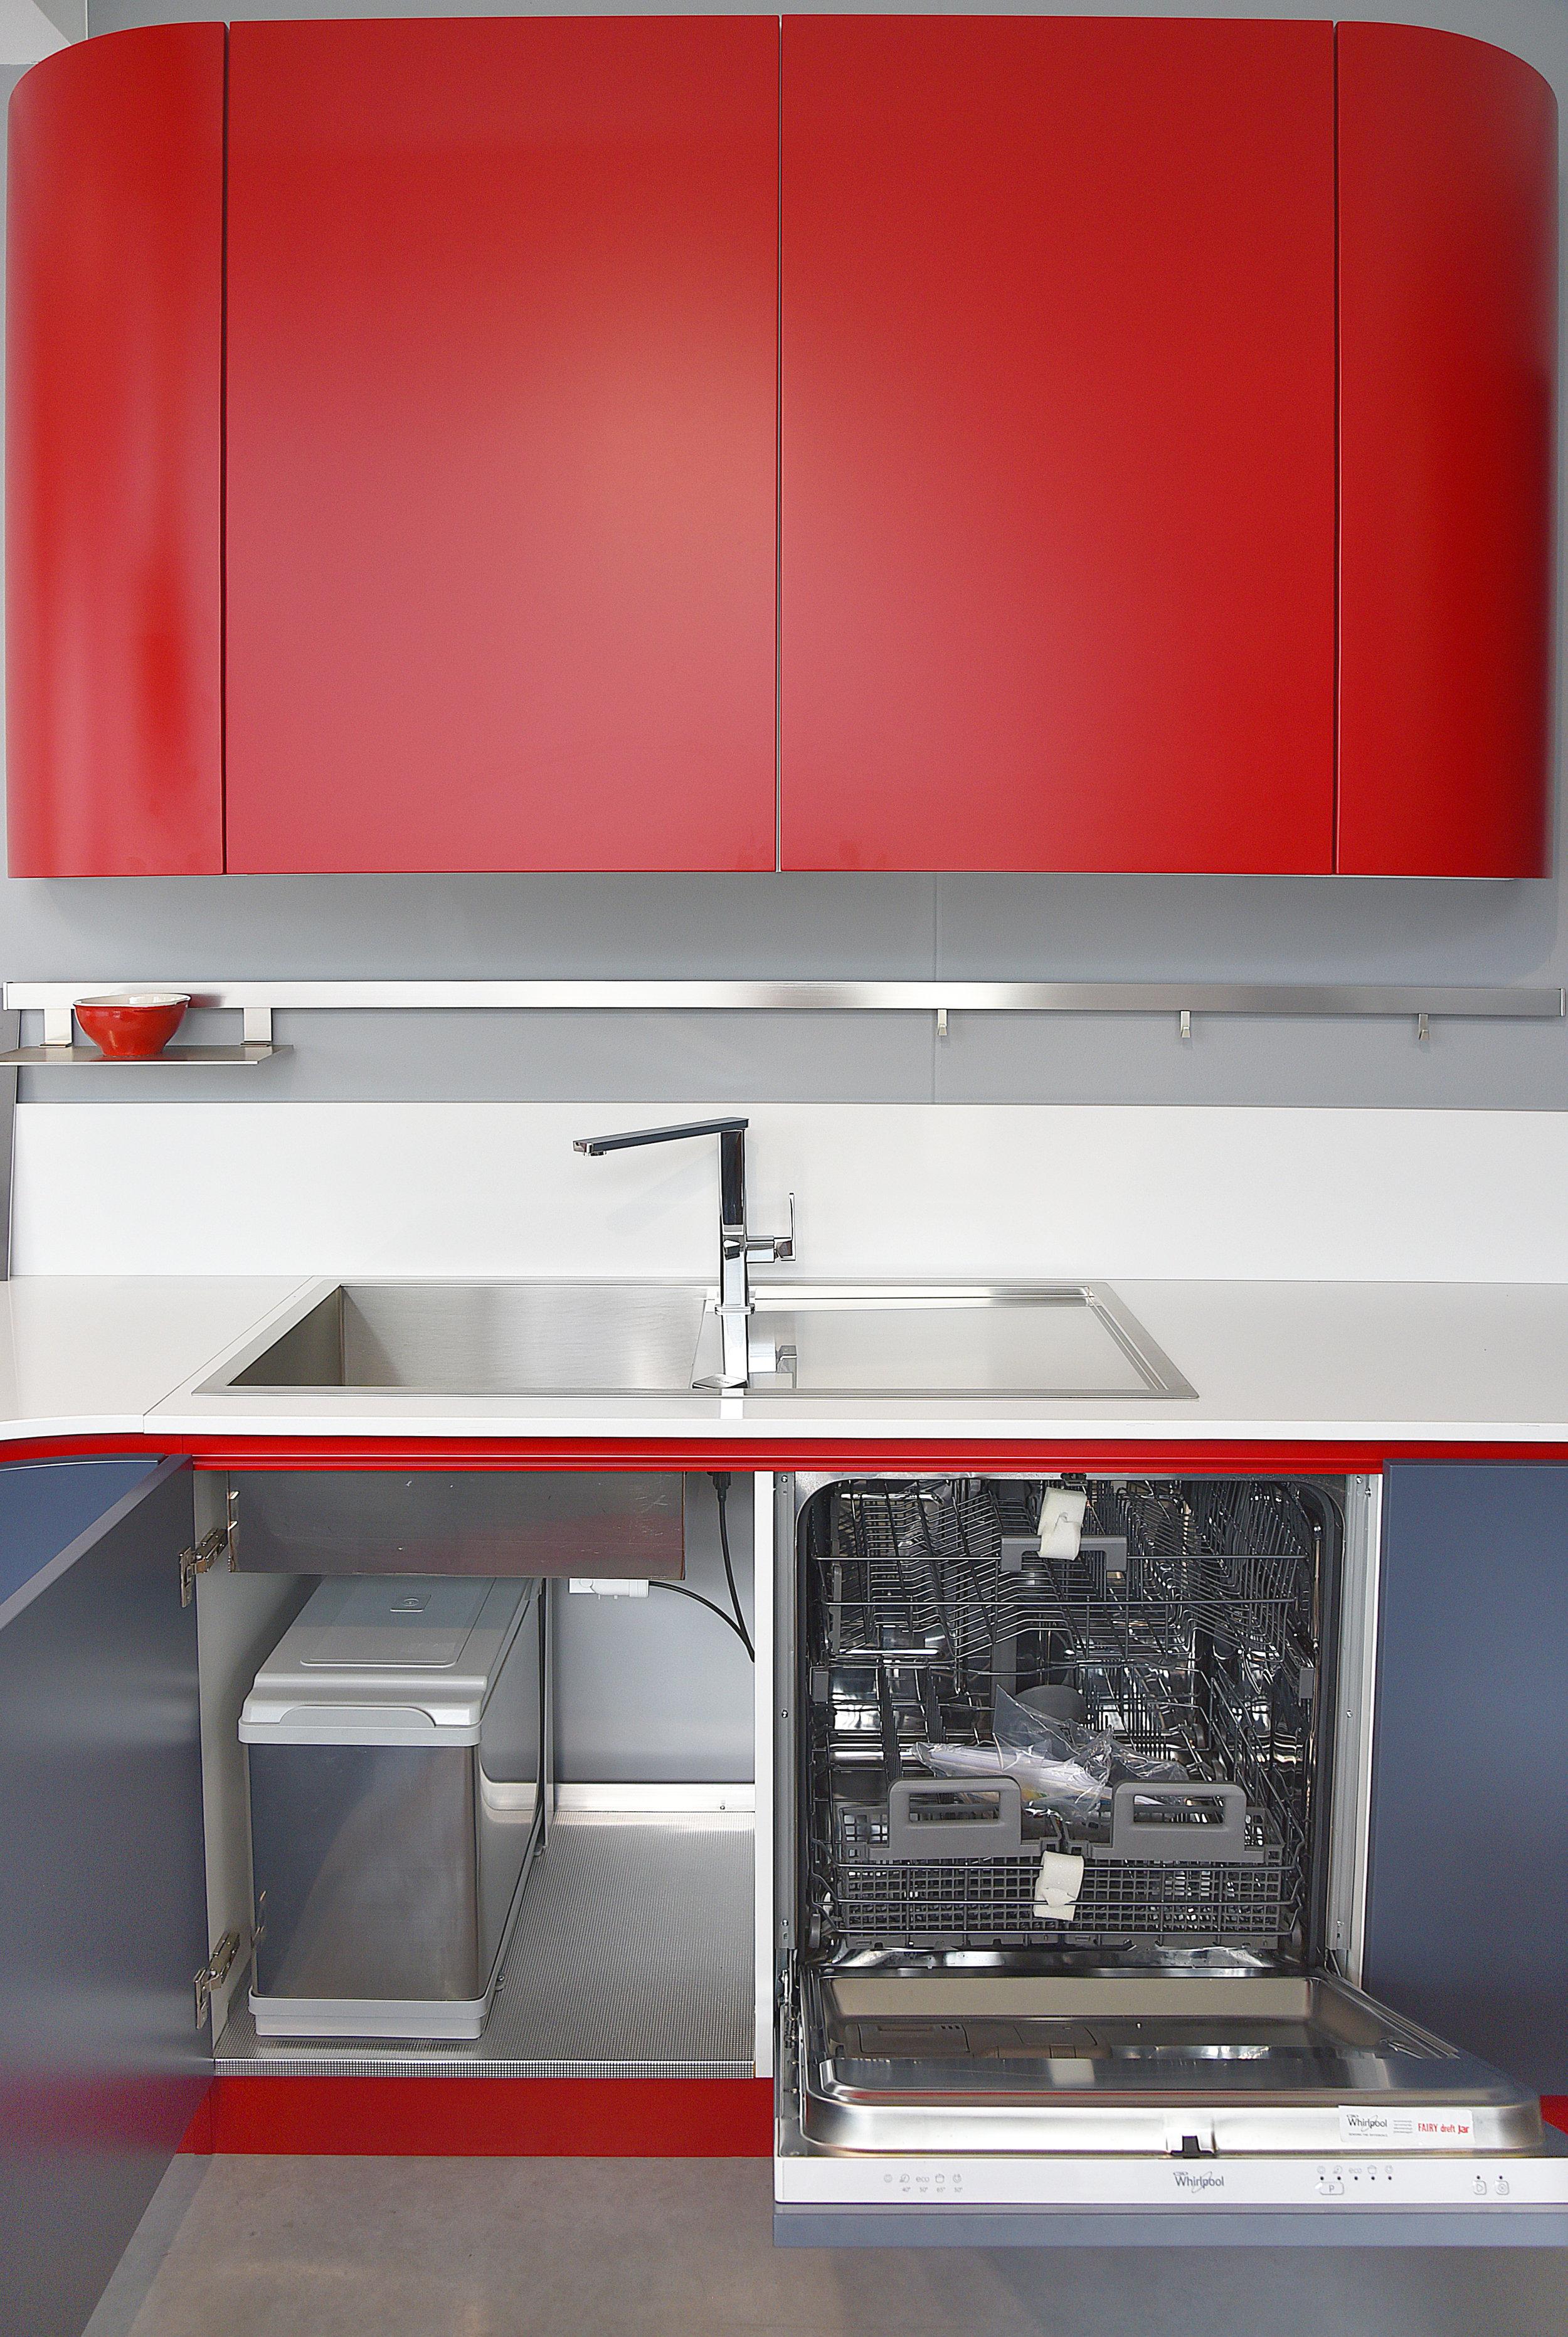 cucina 01 - 05.jpg